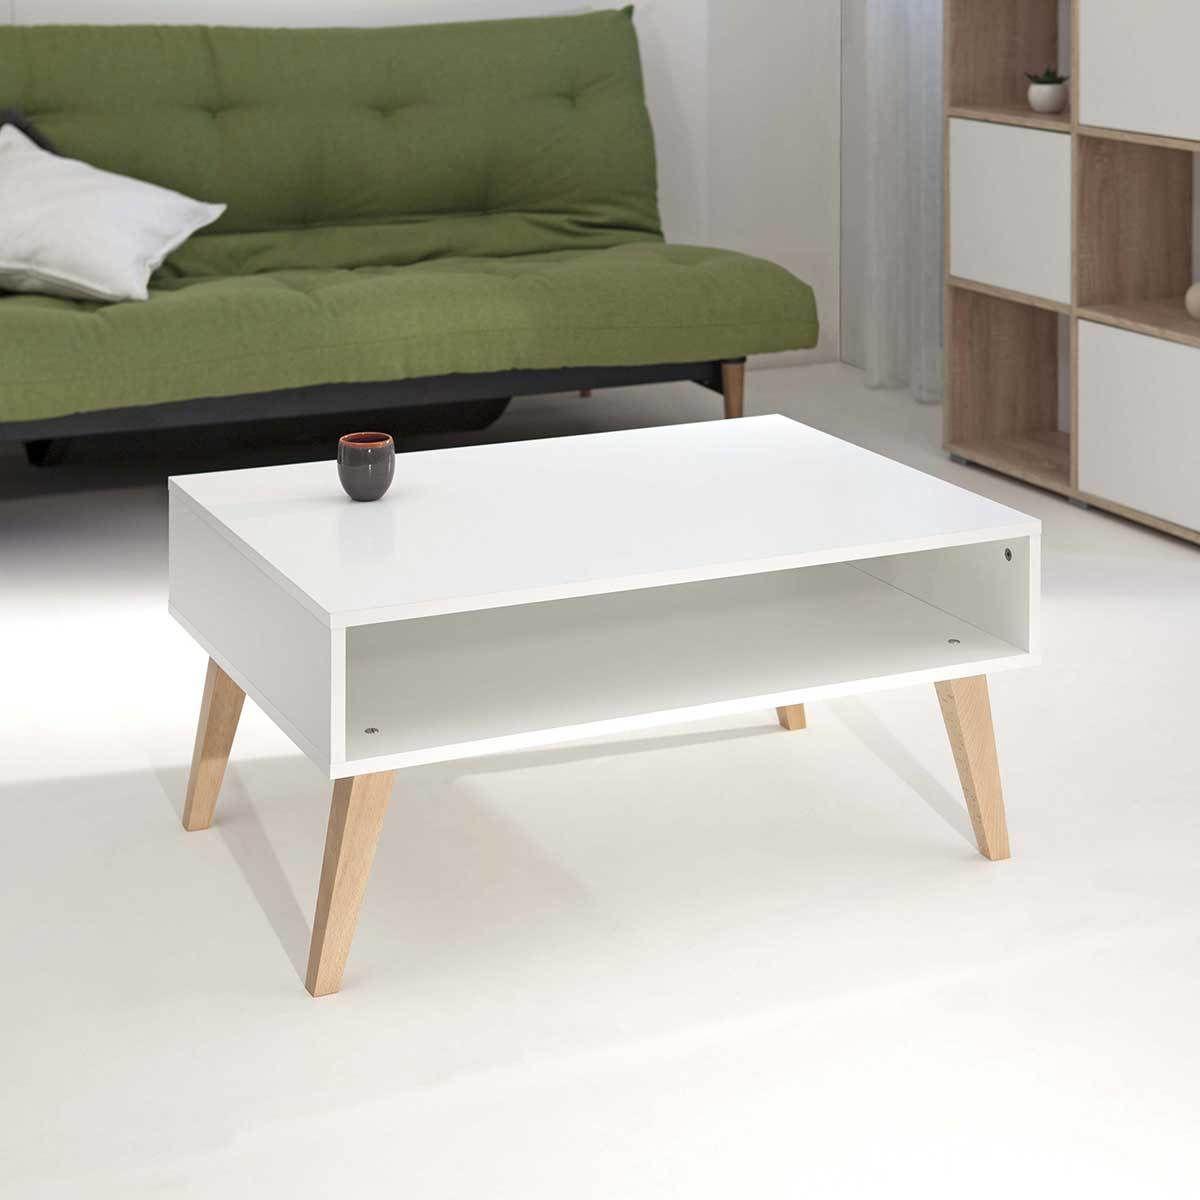 Elegant Table Basse Blanche Pied Bois Id Es De Conception De  # Table Basse Blanche Et Bois